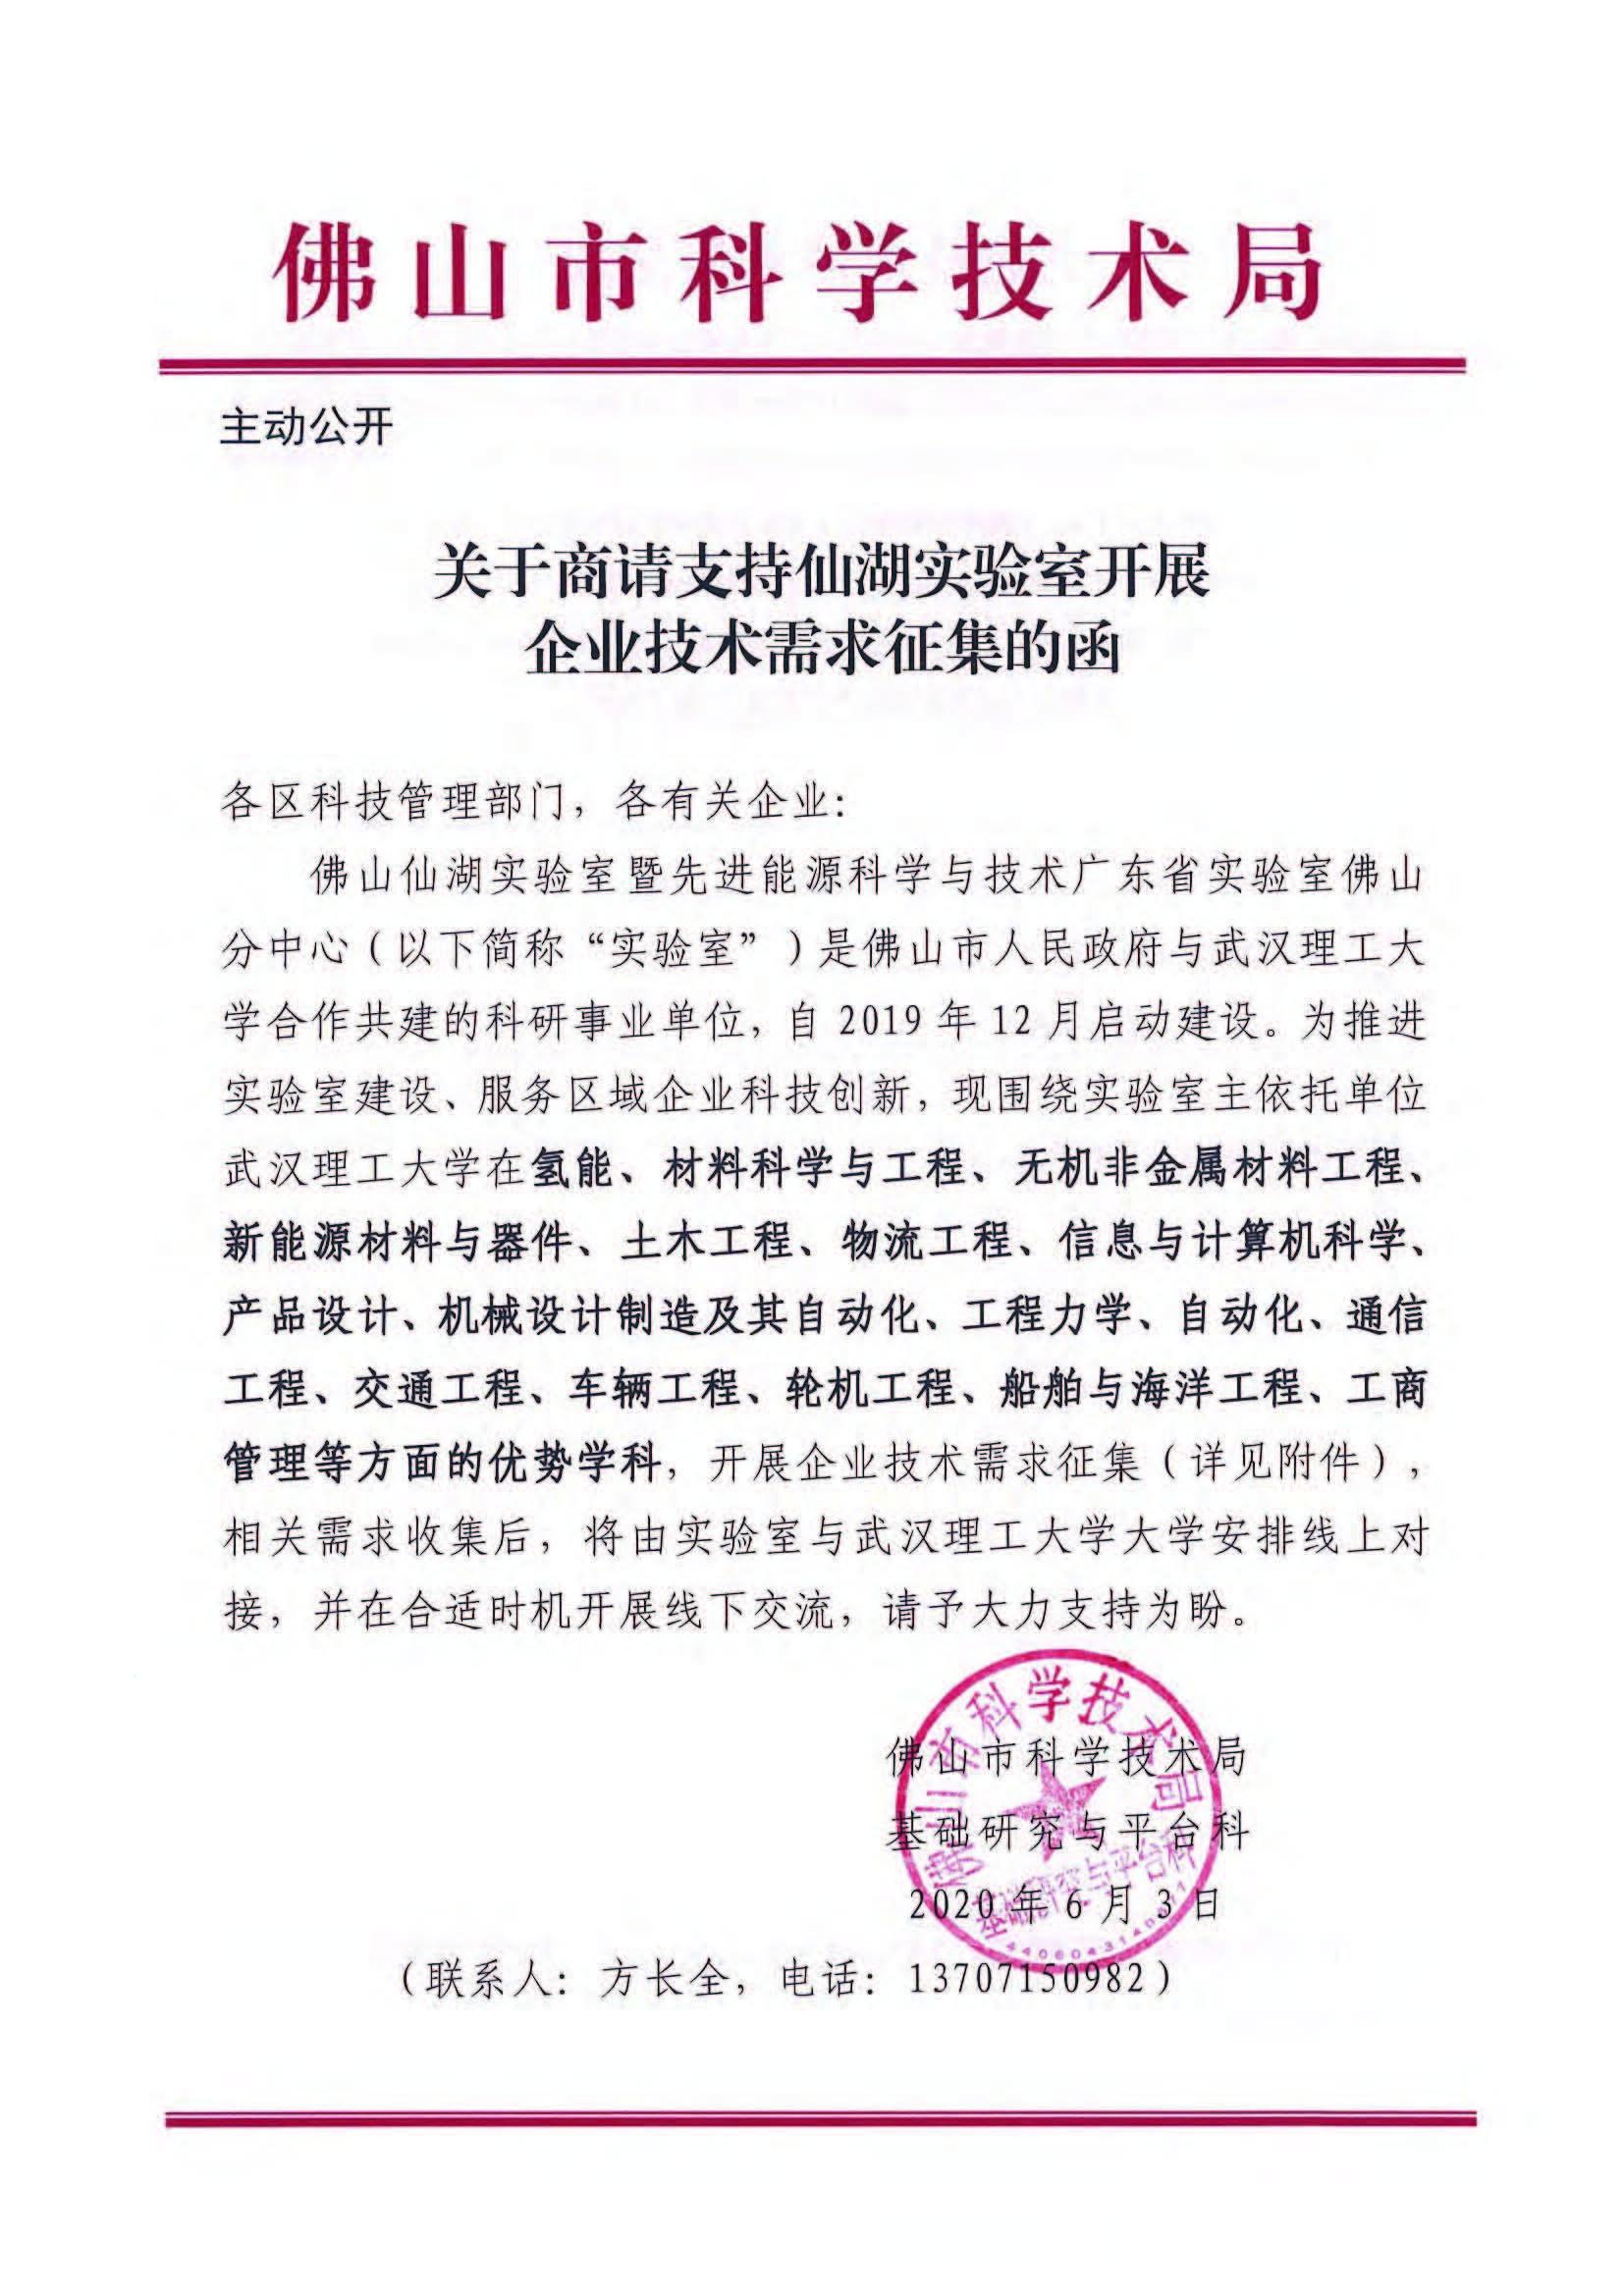 关于商请支持仙湖实验室开展企业技术需求征集的函.jpg